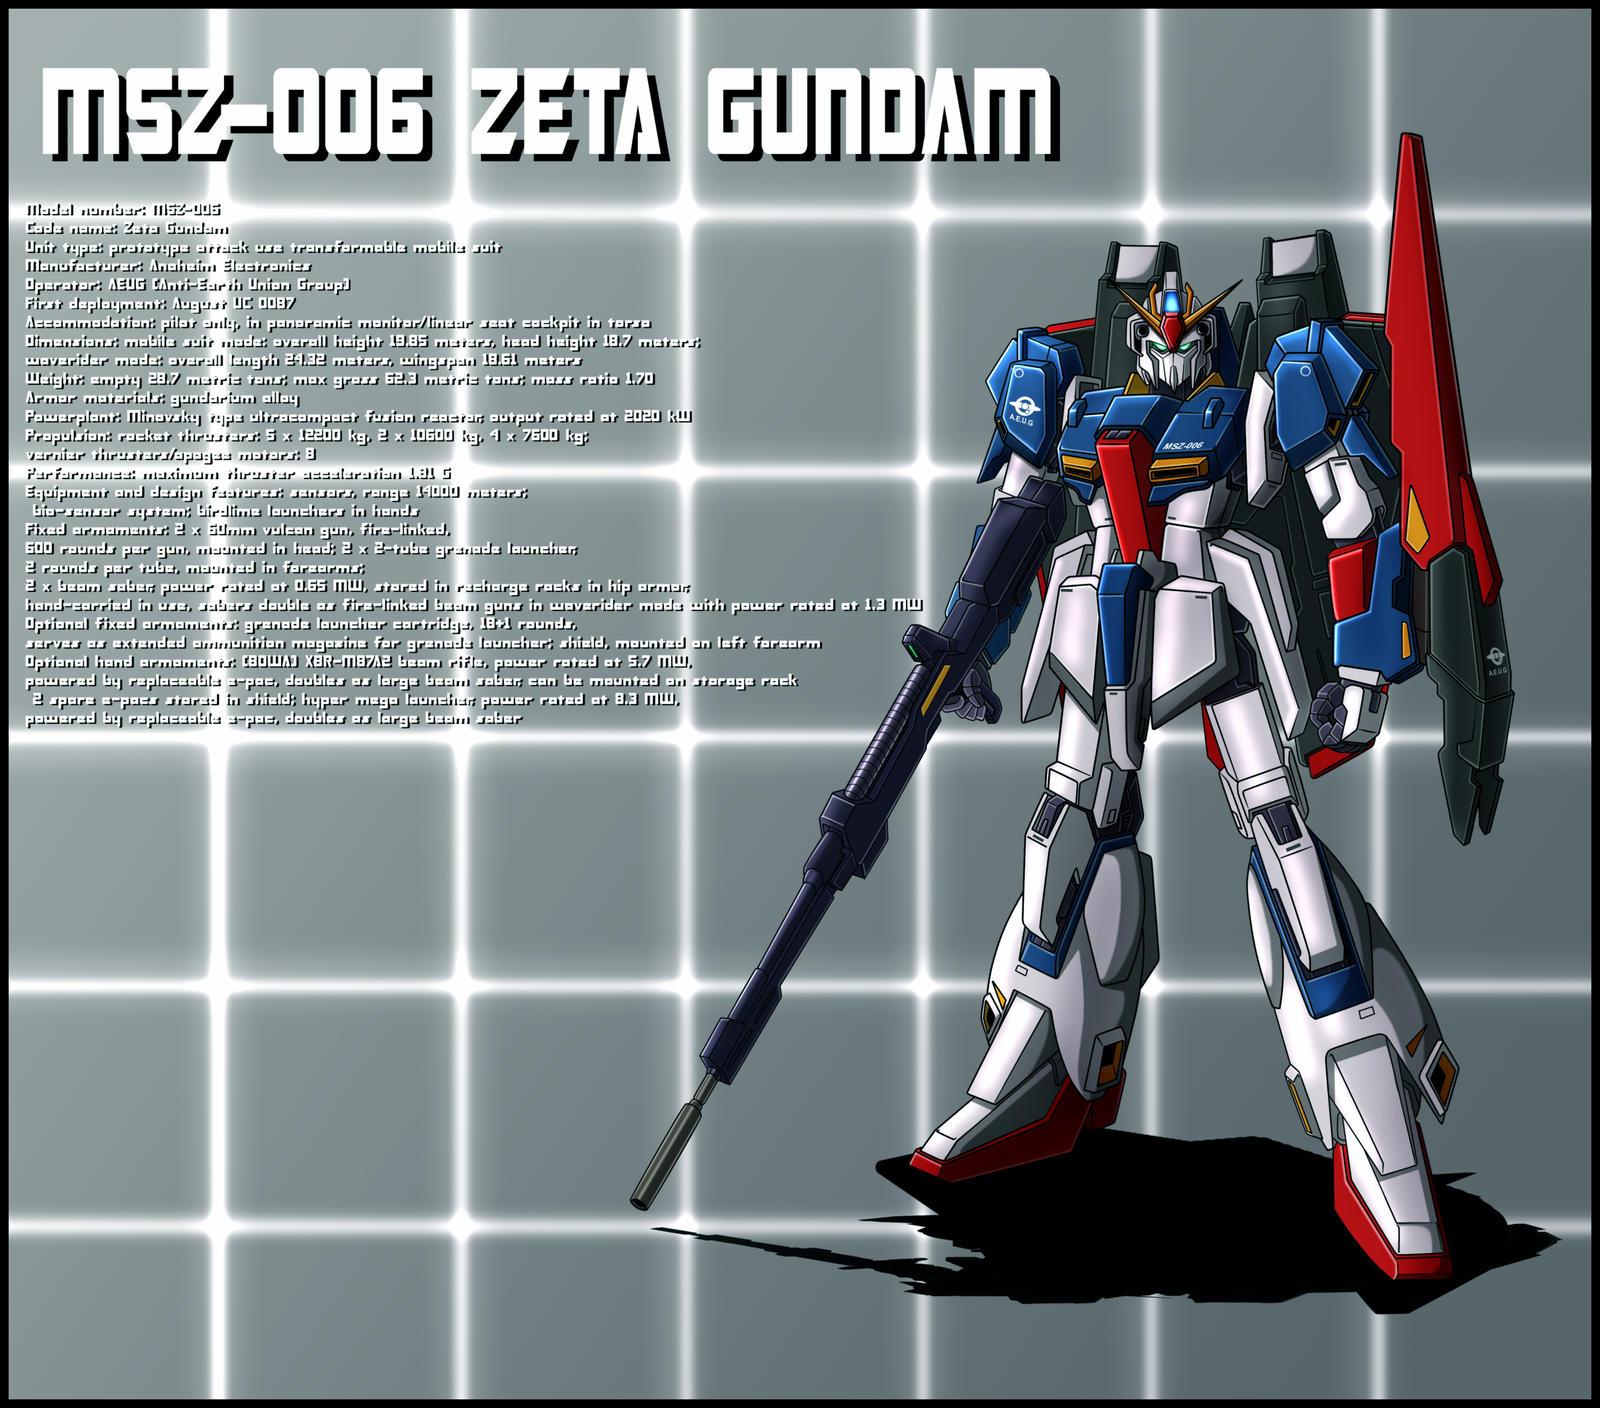 MSZ-006 Zeta Gundam Profile by zeiram0034